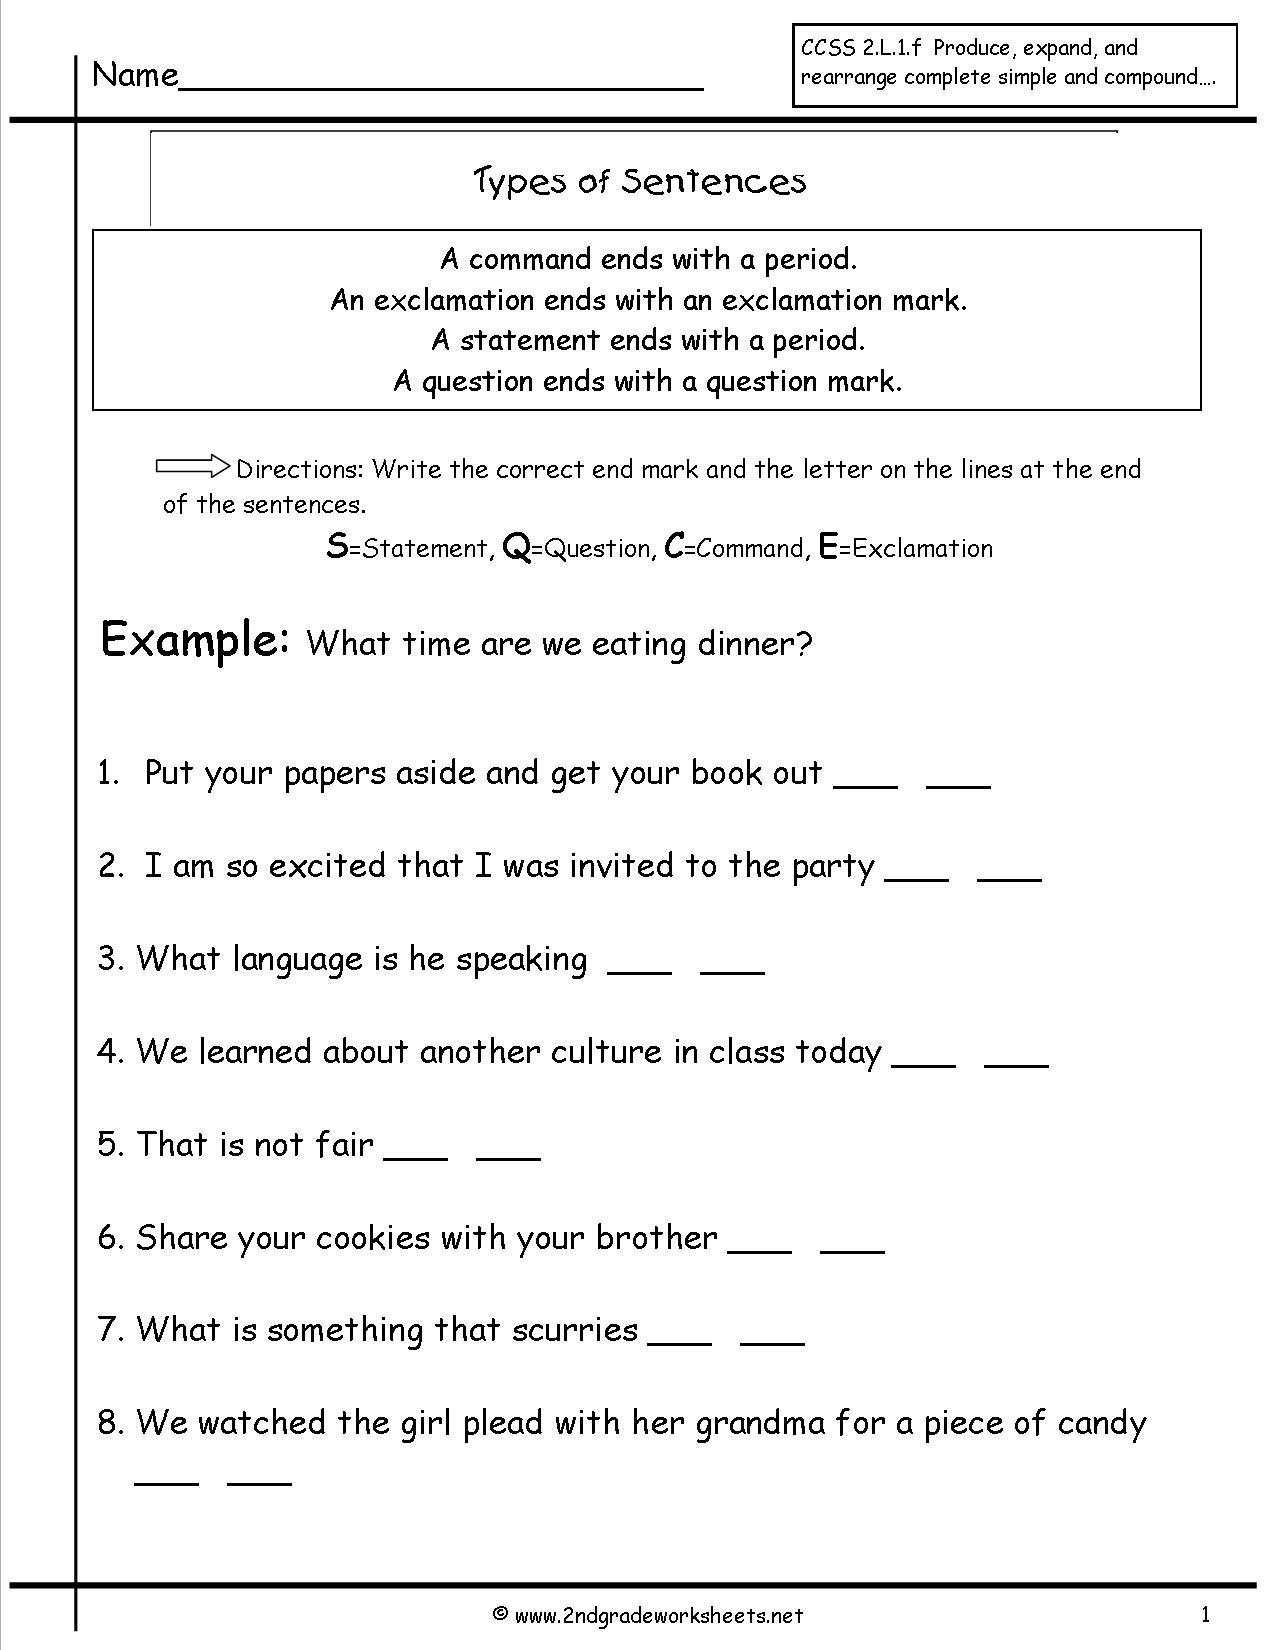 Second Grade Sentences Worksheets Ccss 2L1F Worksheets Inside Kinds Of Sentences Worksheet